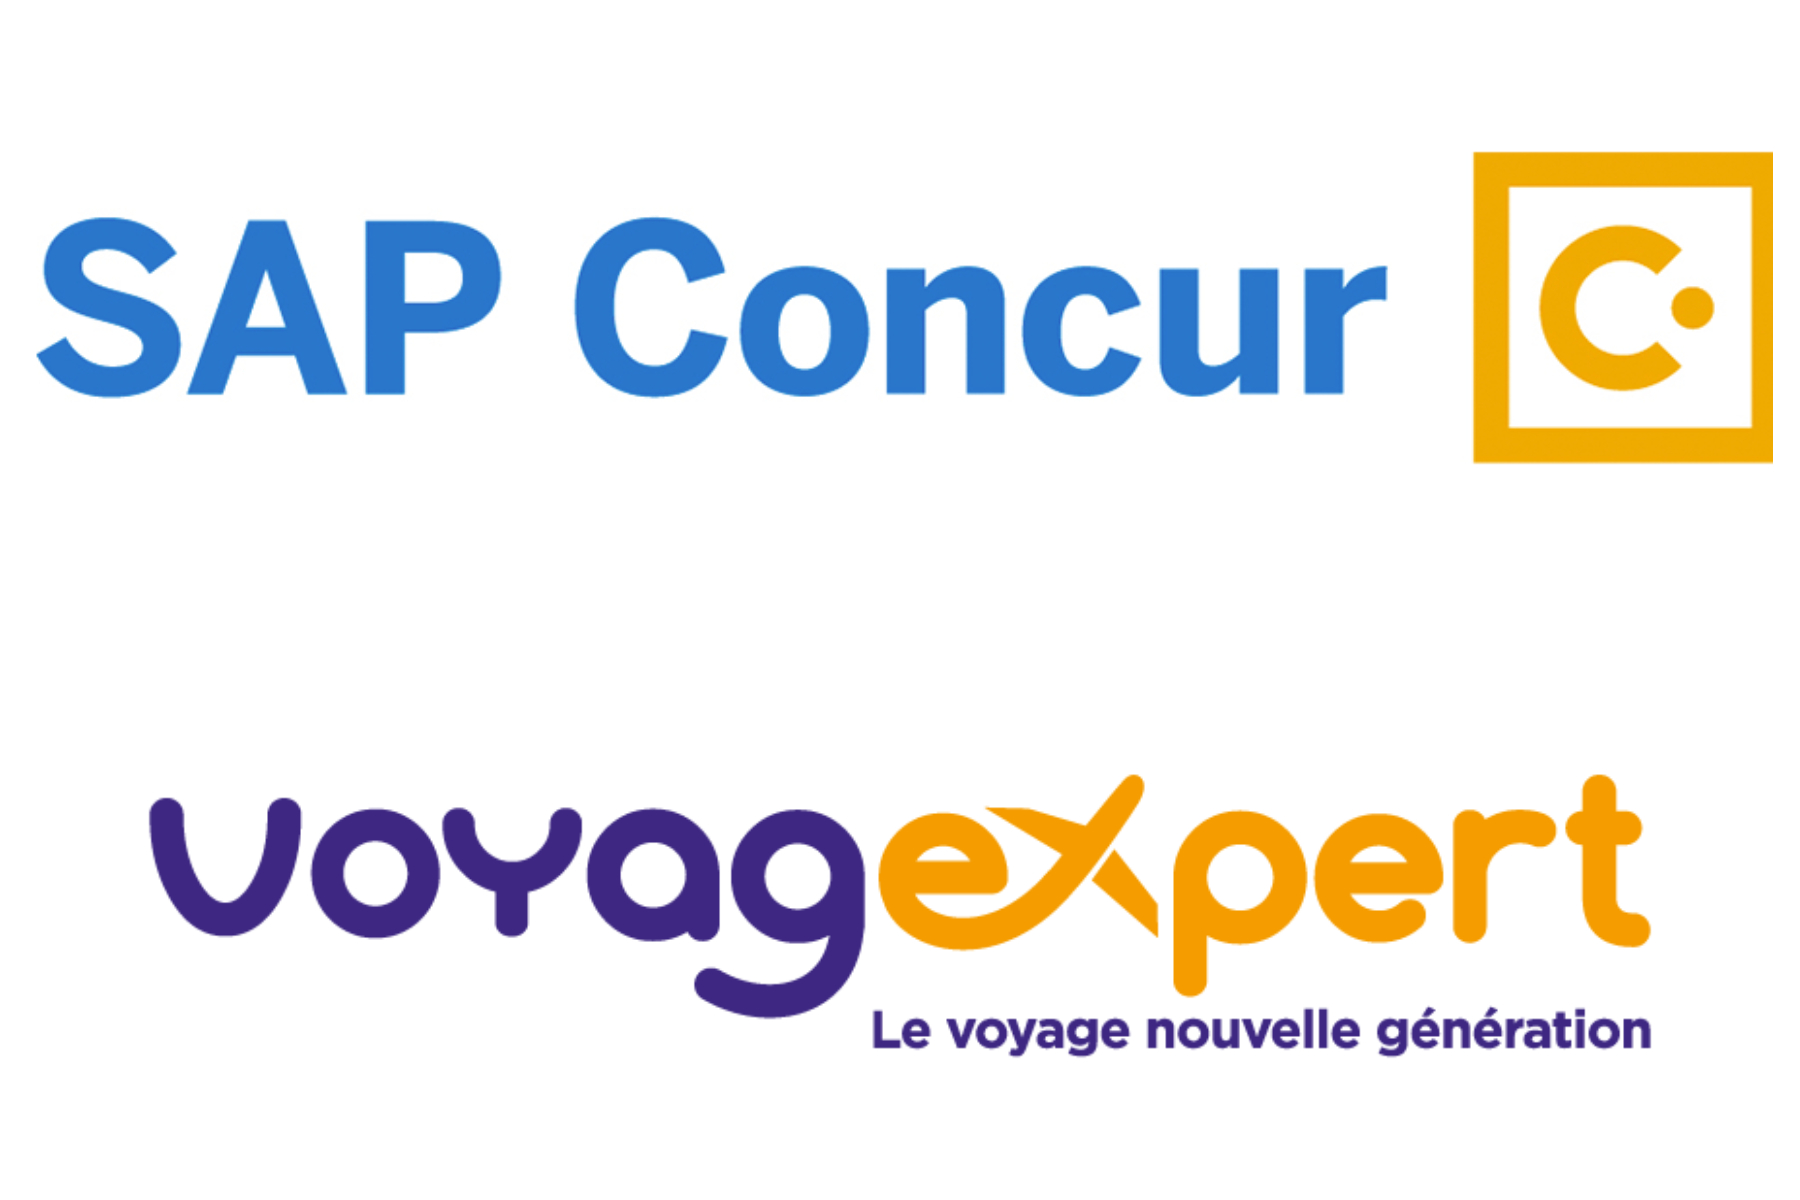 L'agence de voyages d'affaires VoyagExpert vient d'obtenir les certifications CIP et VAR de la part de SAP Concur - DR : SAP Concur / Voyagexpert